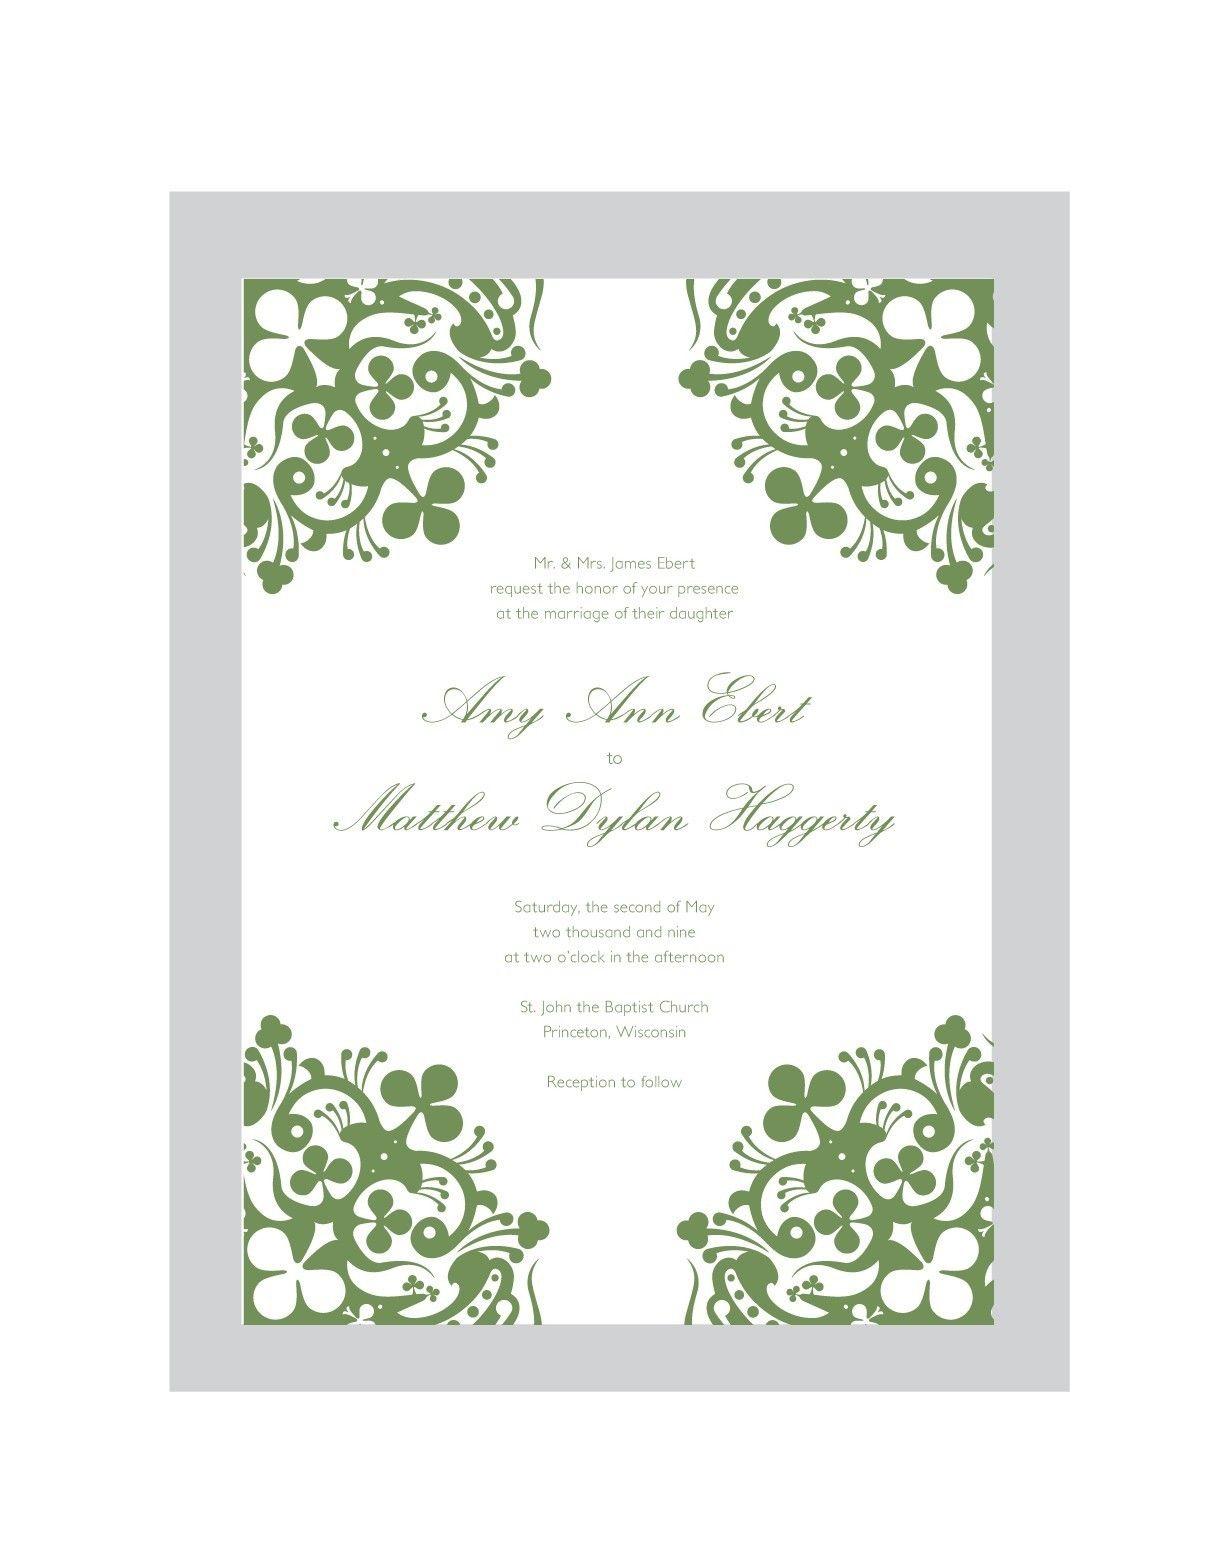 Shannon Irish Wedding Invitation Set Printable Diy: Invitations Wedding Fun Irish At Websimilar.org